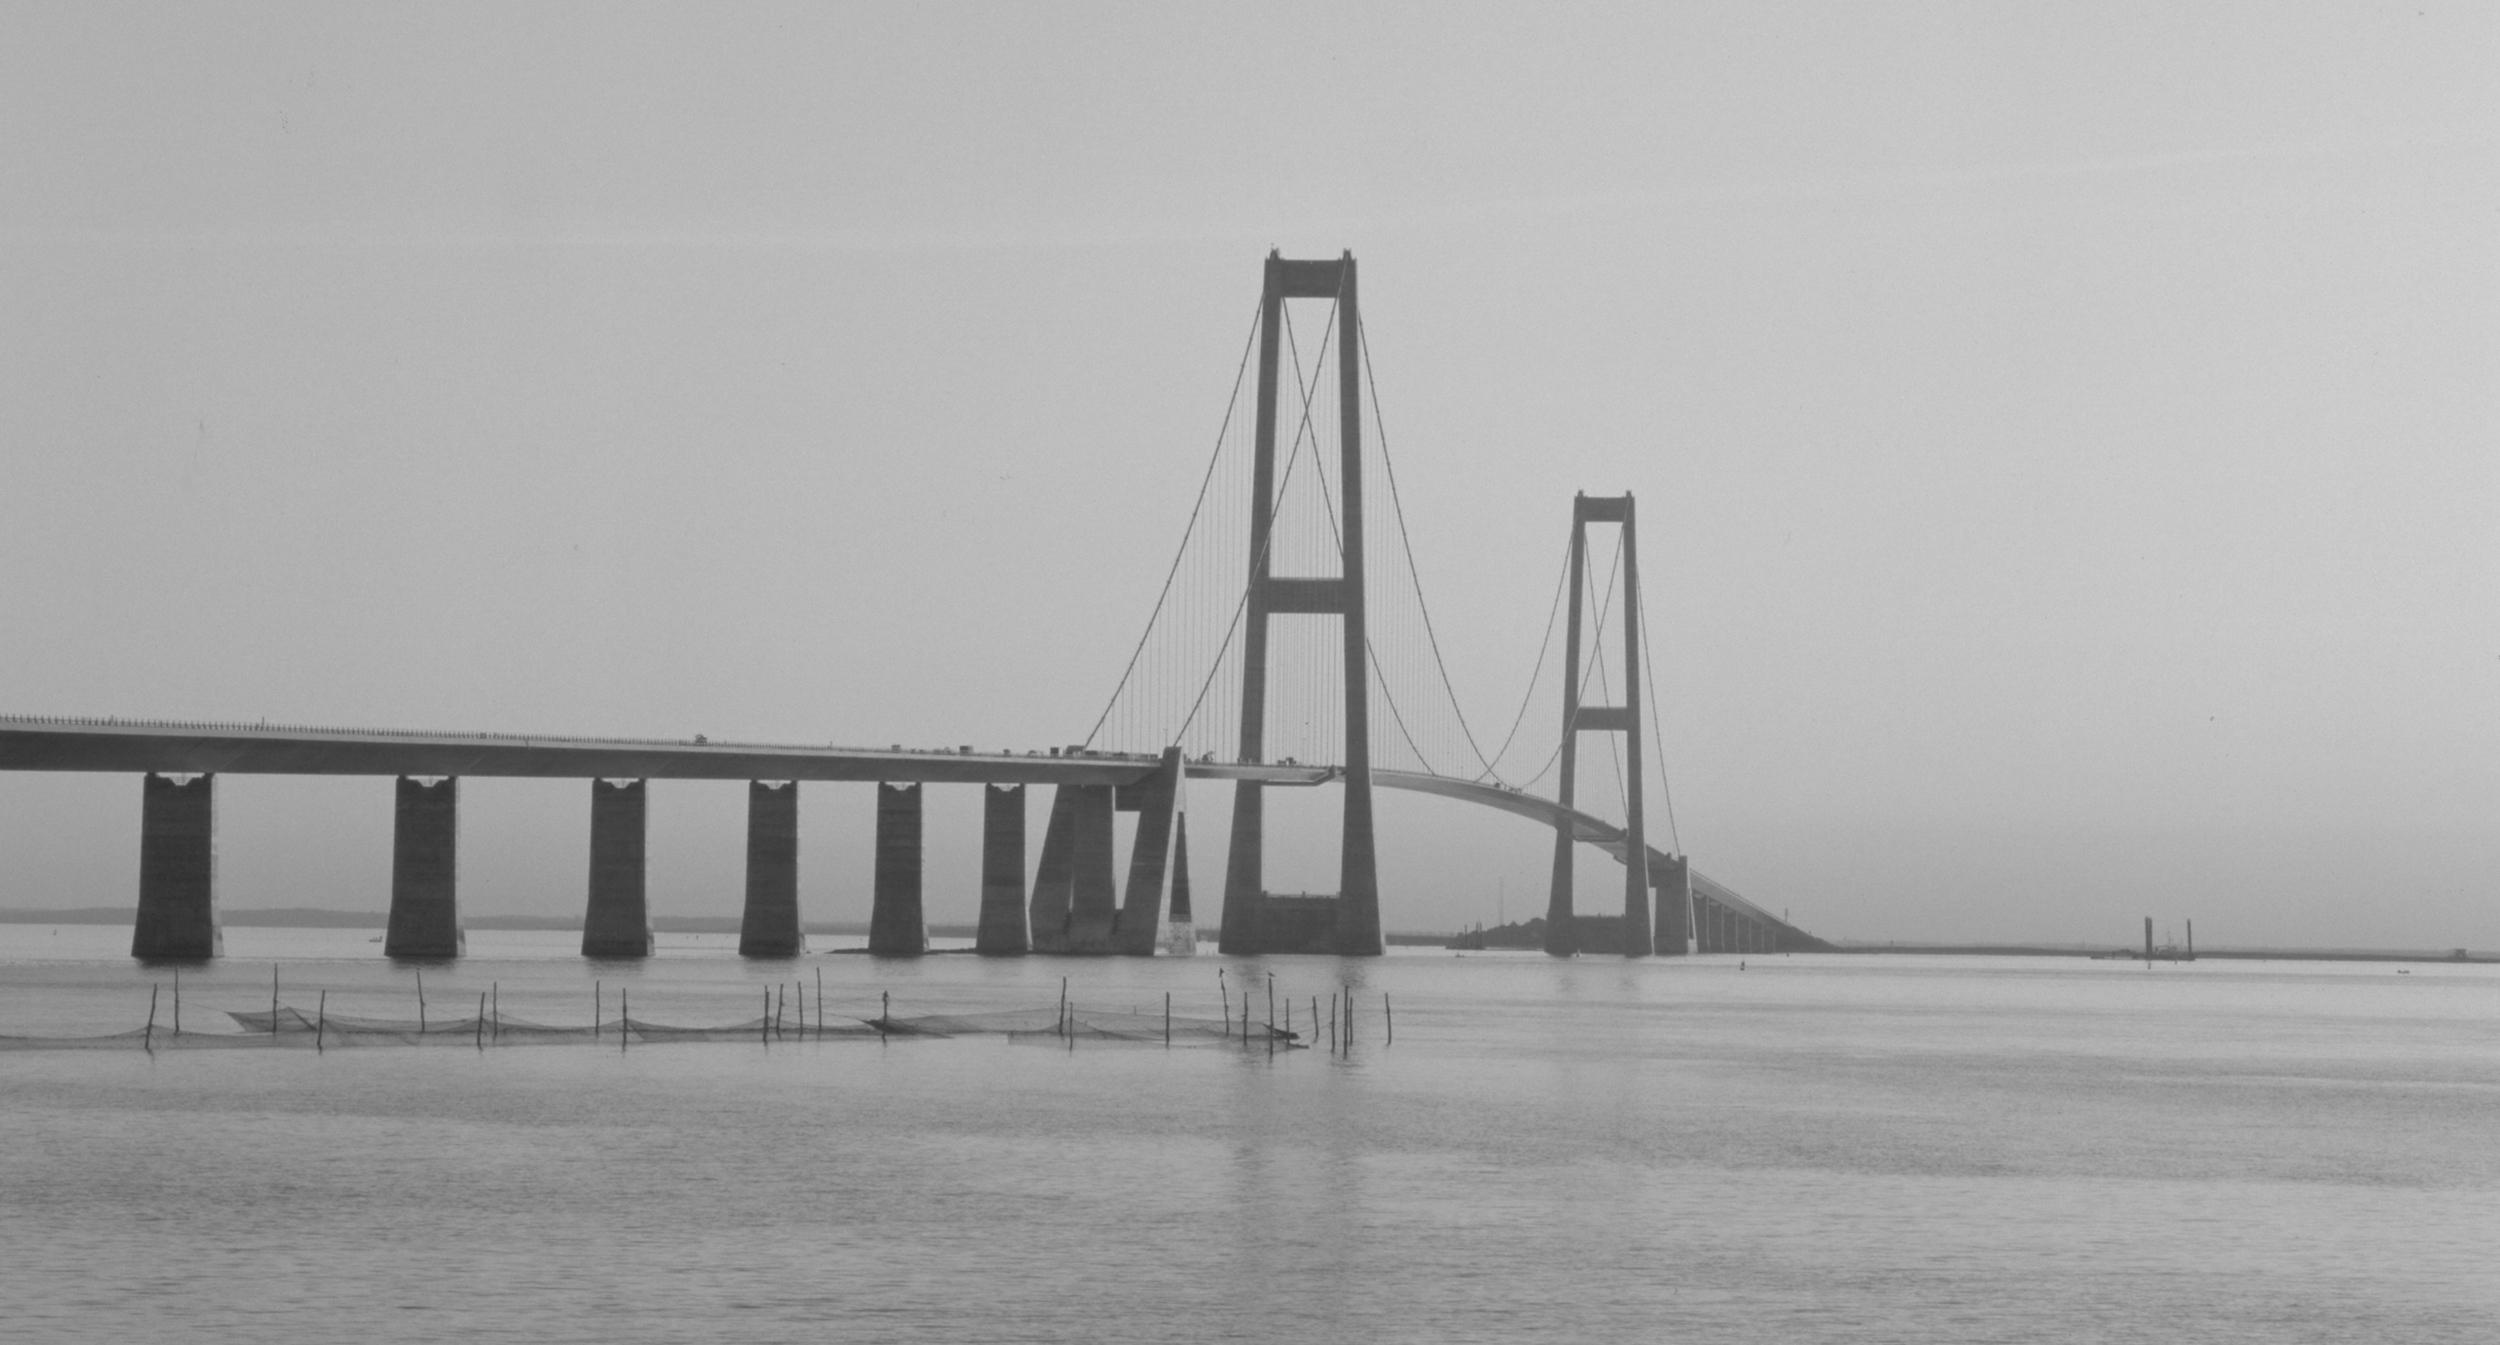 FIP Award for Outstanding Structures, Fédération Internationale de la Précontrainte 1998   For the  Great Belt Link's  east bridge.